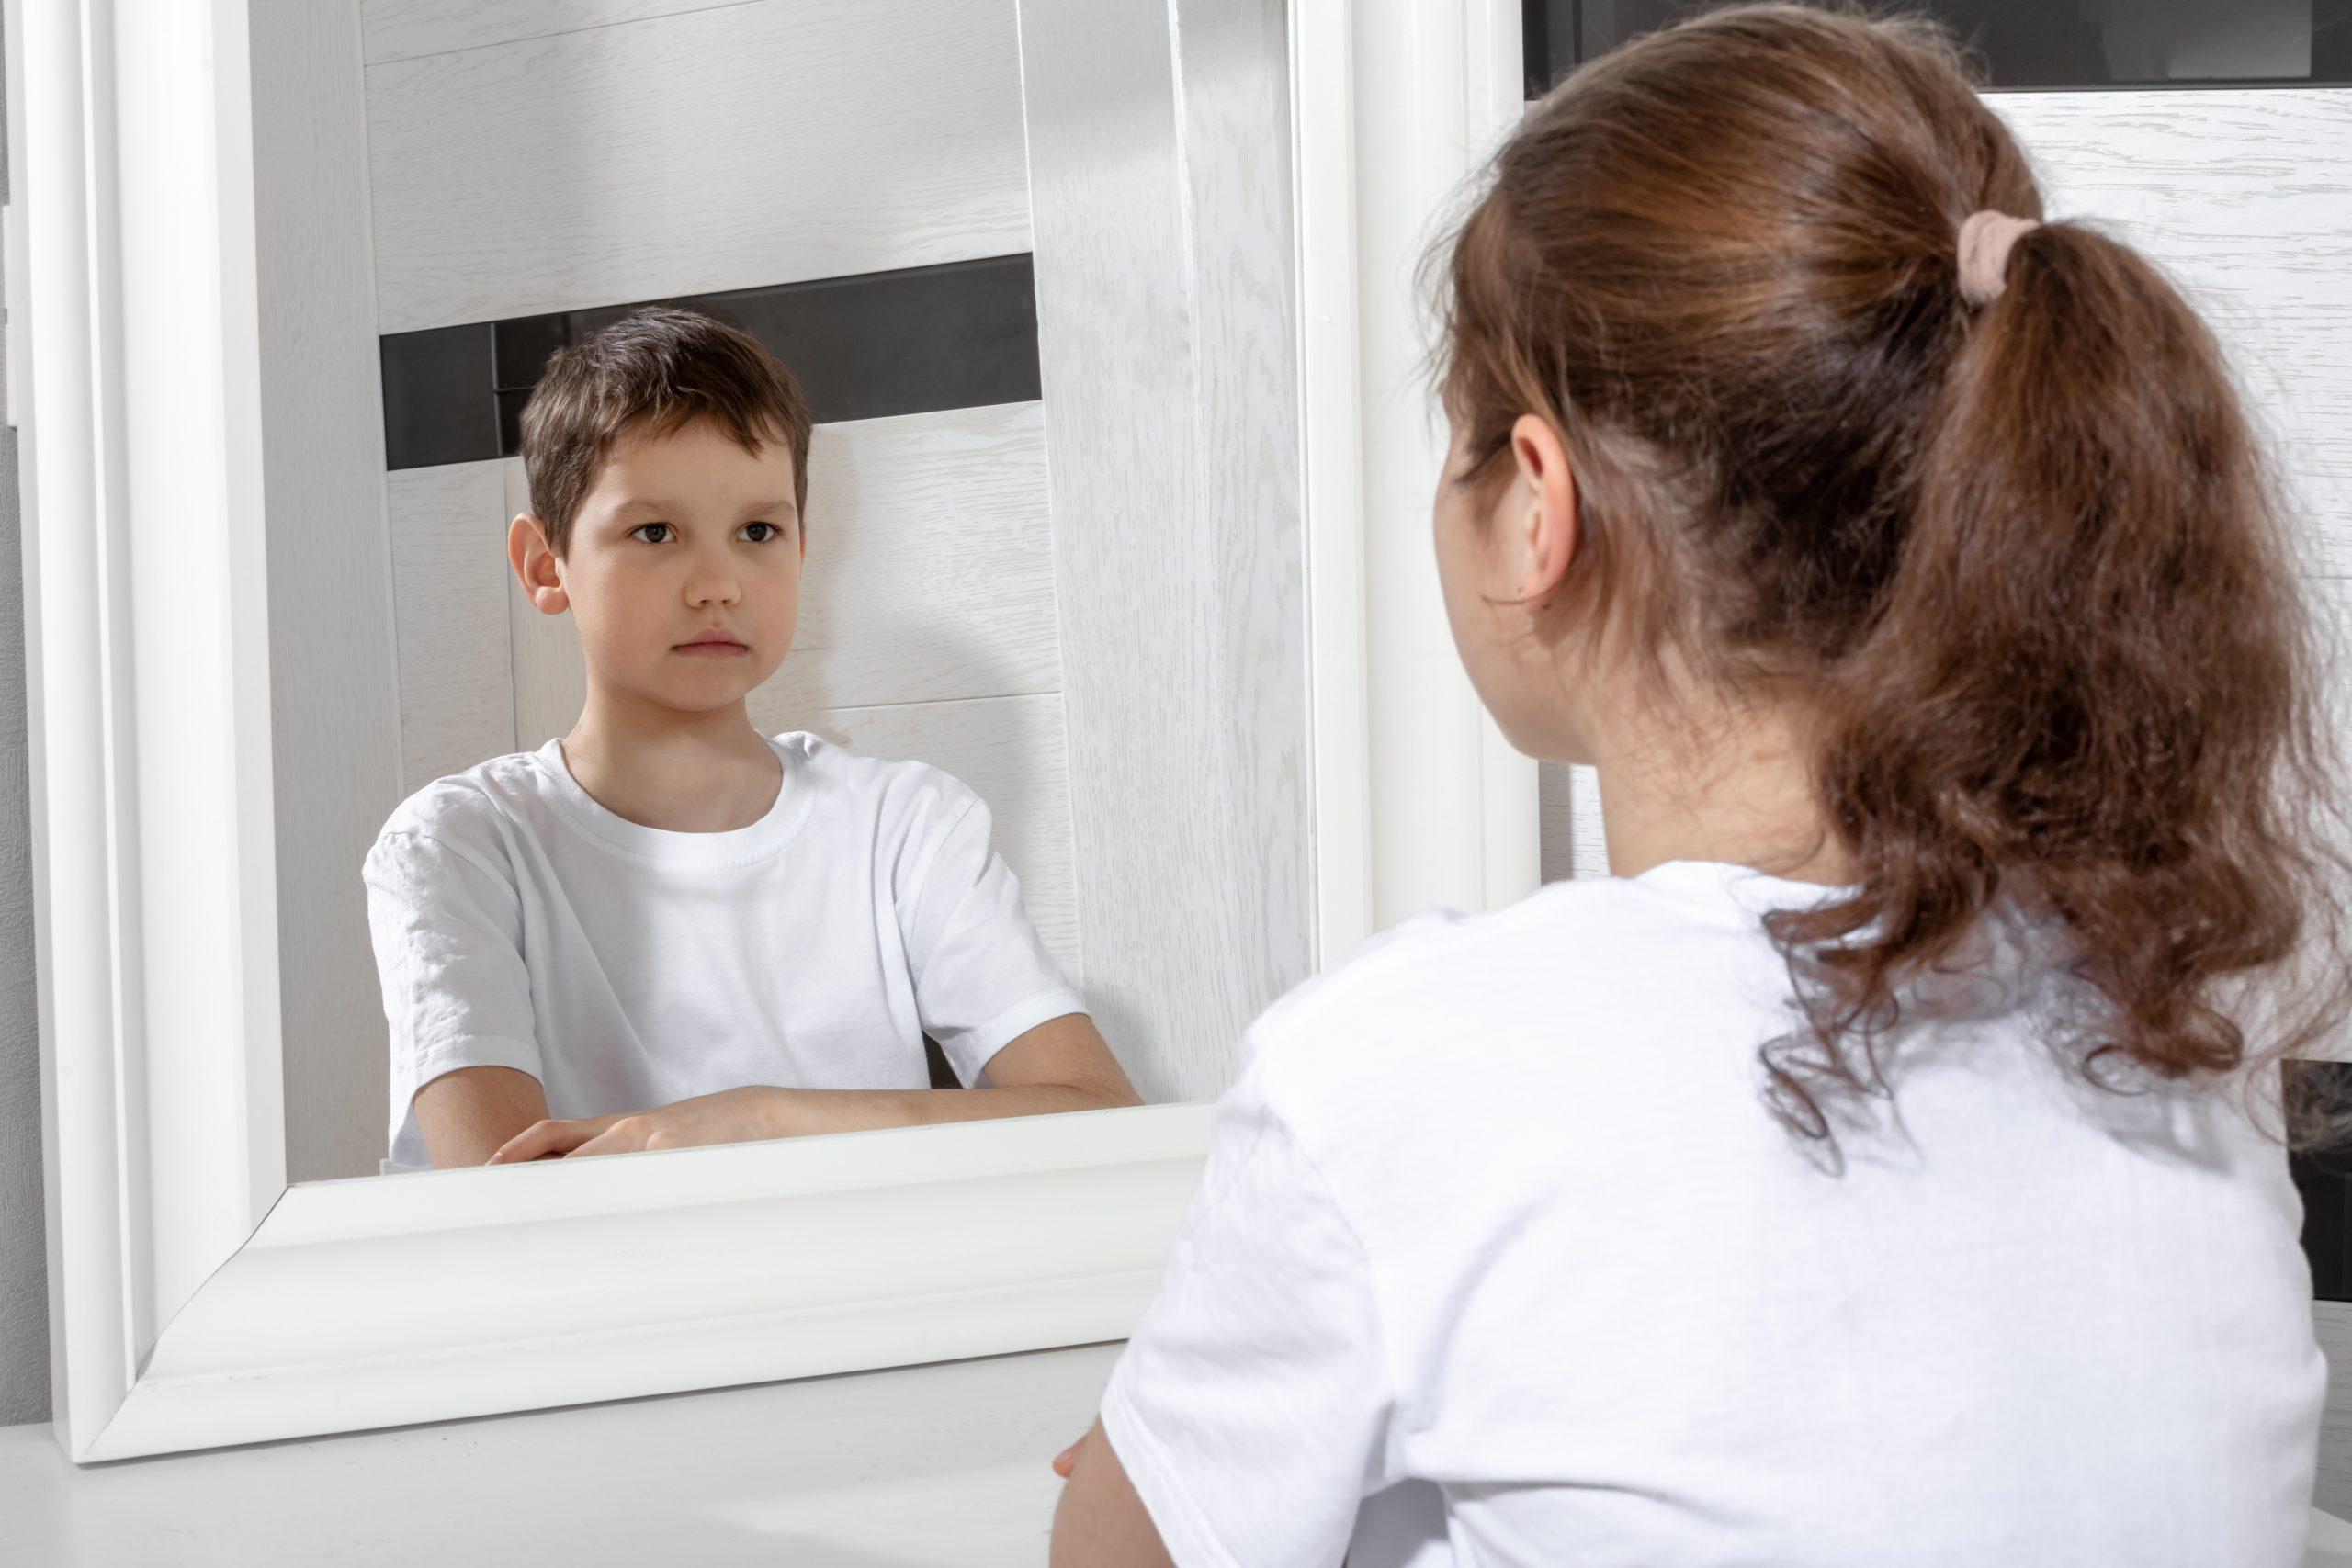 Transgender Boy Looking in Mirror - a Boy Like Me